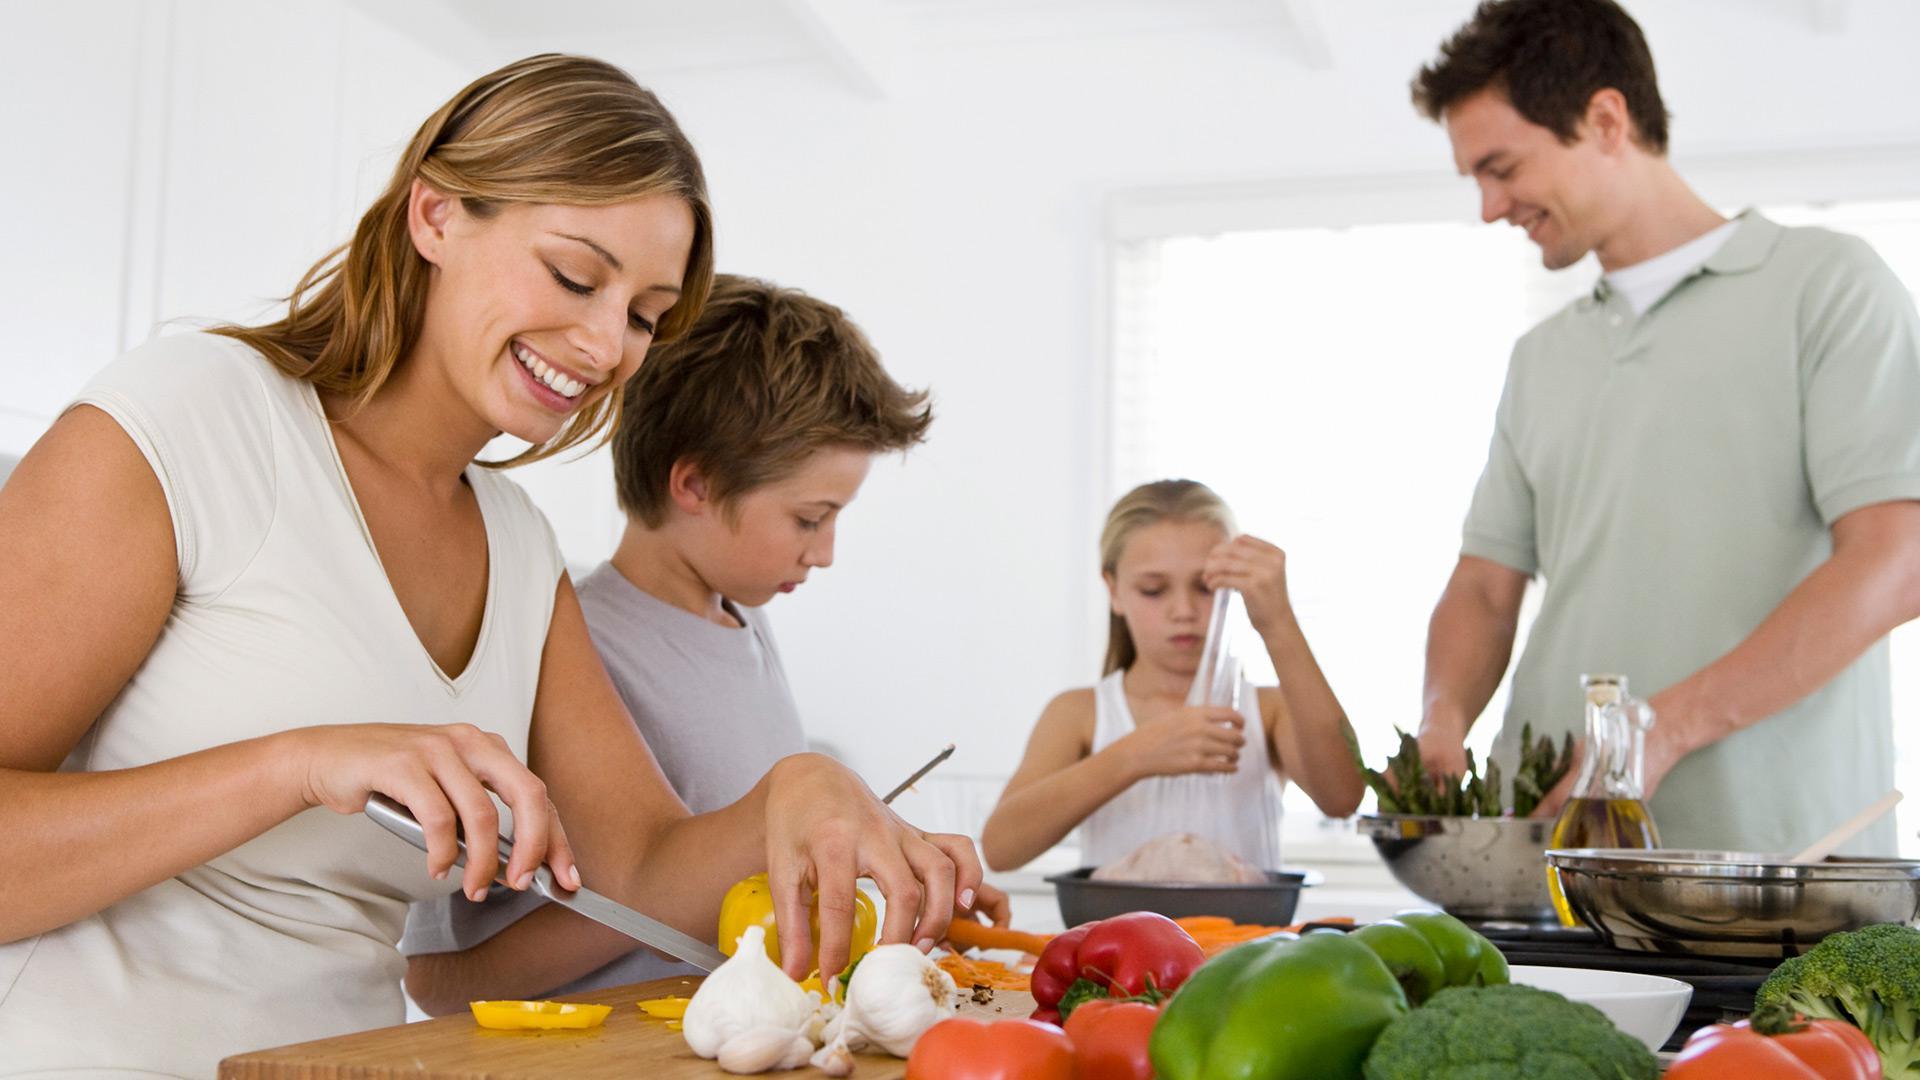 Relações familiares saudáveis beneficiam a saúde em geral.